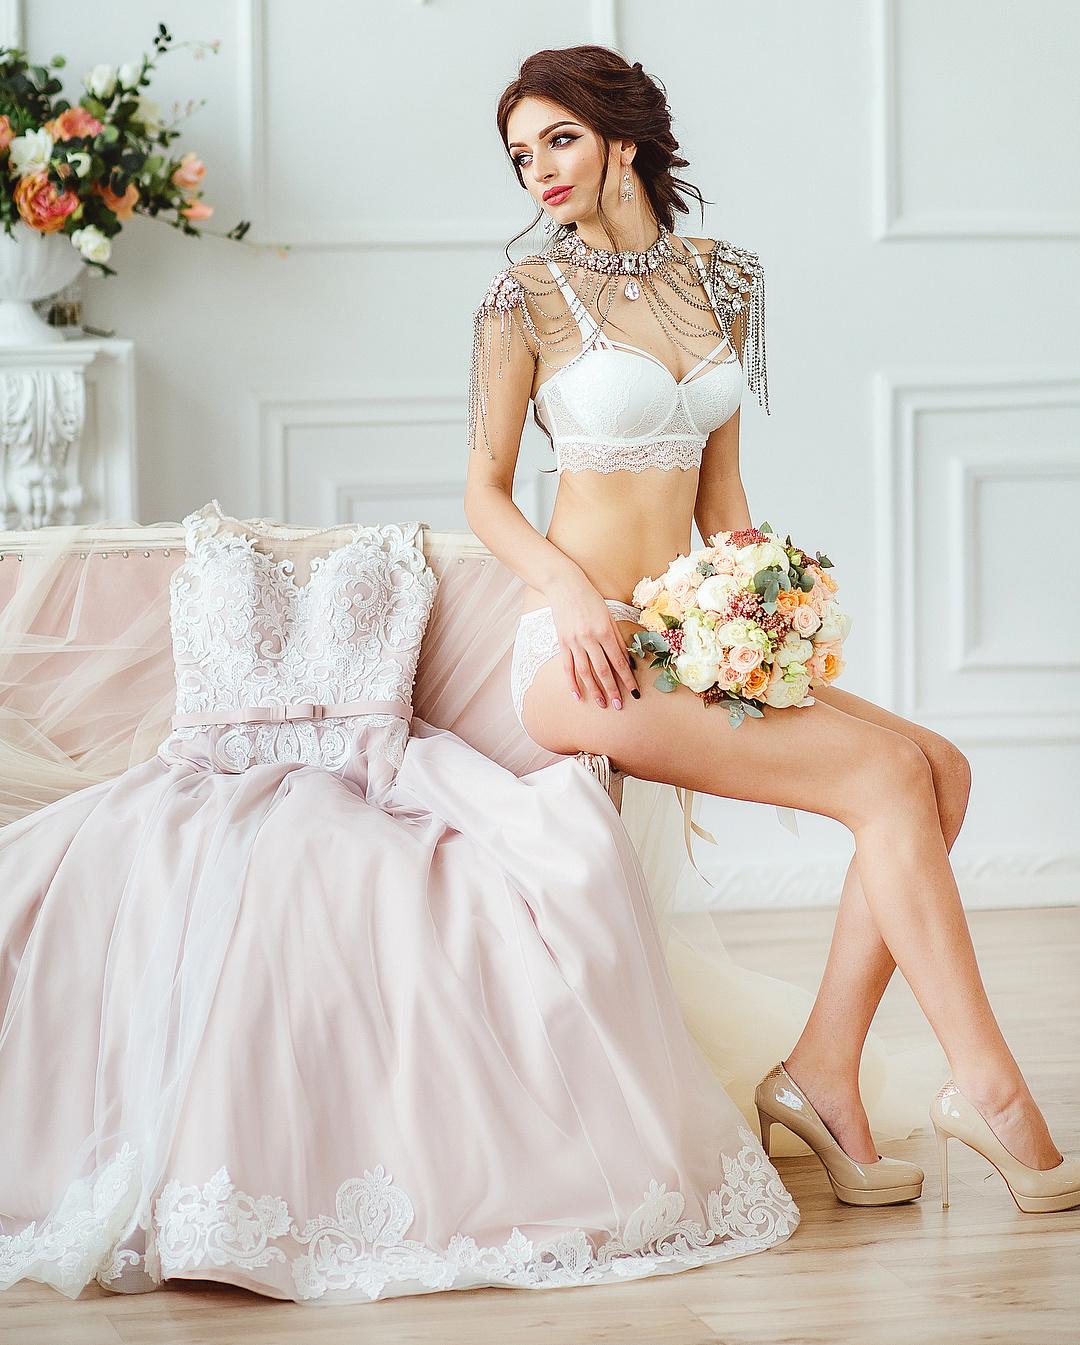 Модель изВладивостока поборется закорону престижного конкурса красоты